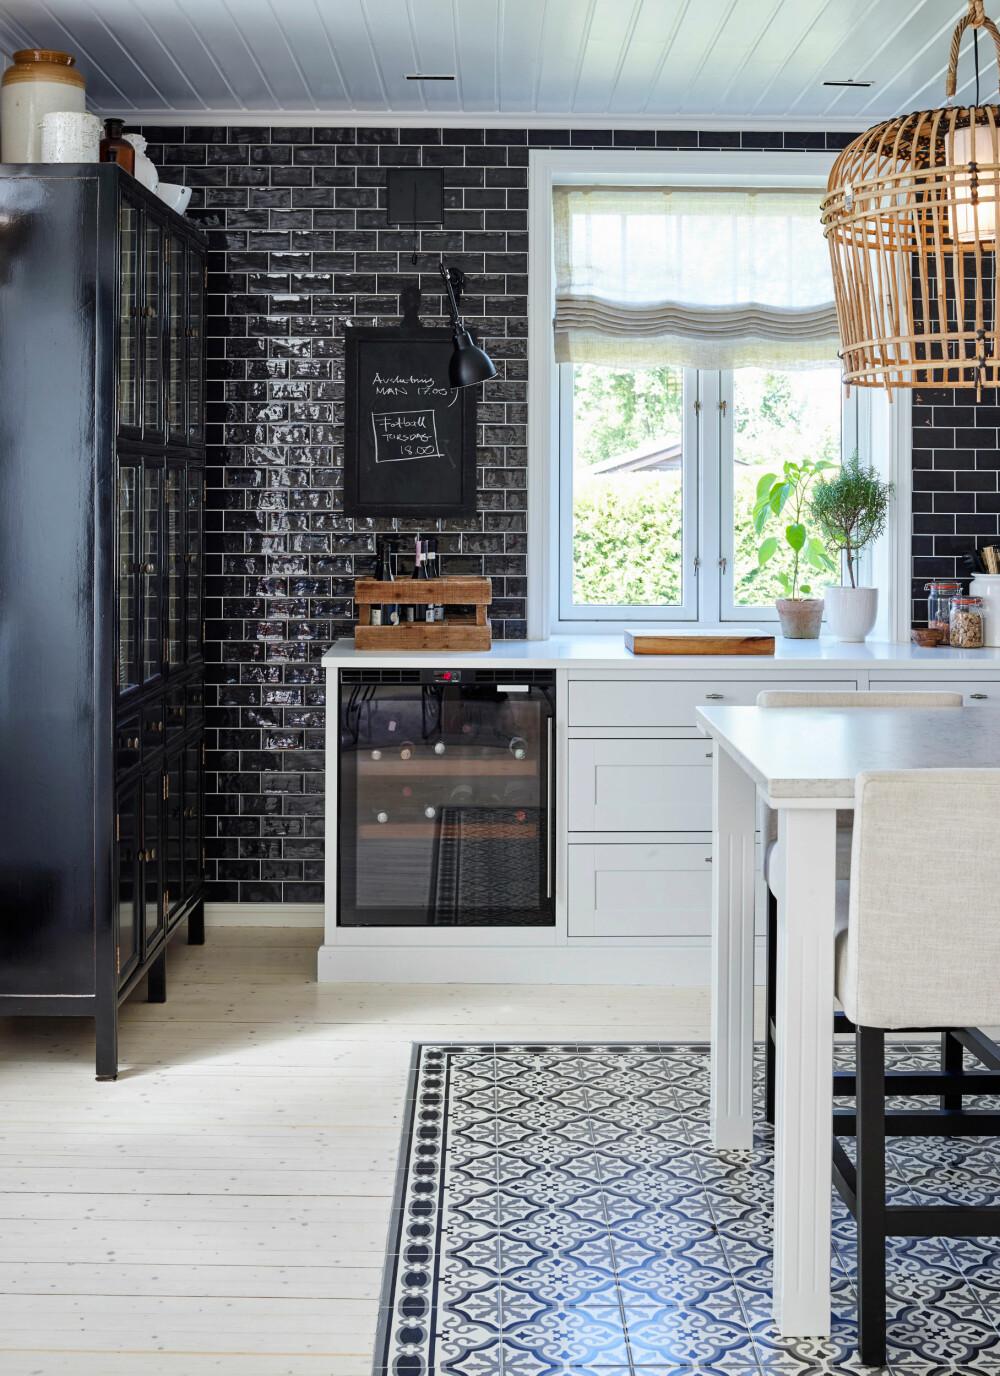 FLISLAGTE VEGGER: Alle veggene er flislagt med glaserte fliser fra L-Flis og Interiør. Det svarte skapet i hjørnet har glassdører og bryter med de integrerte hvitevarene.